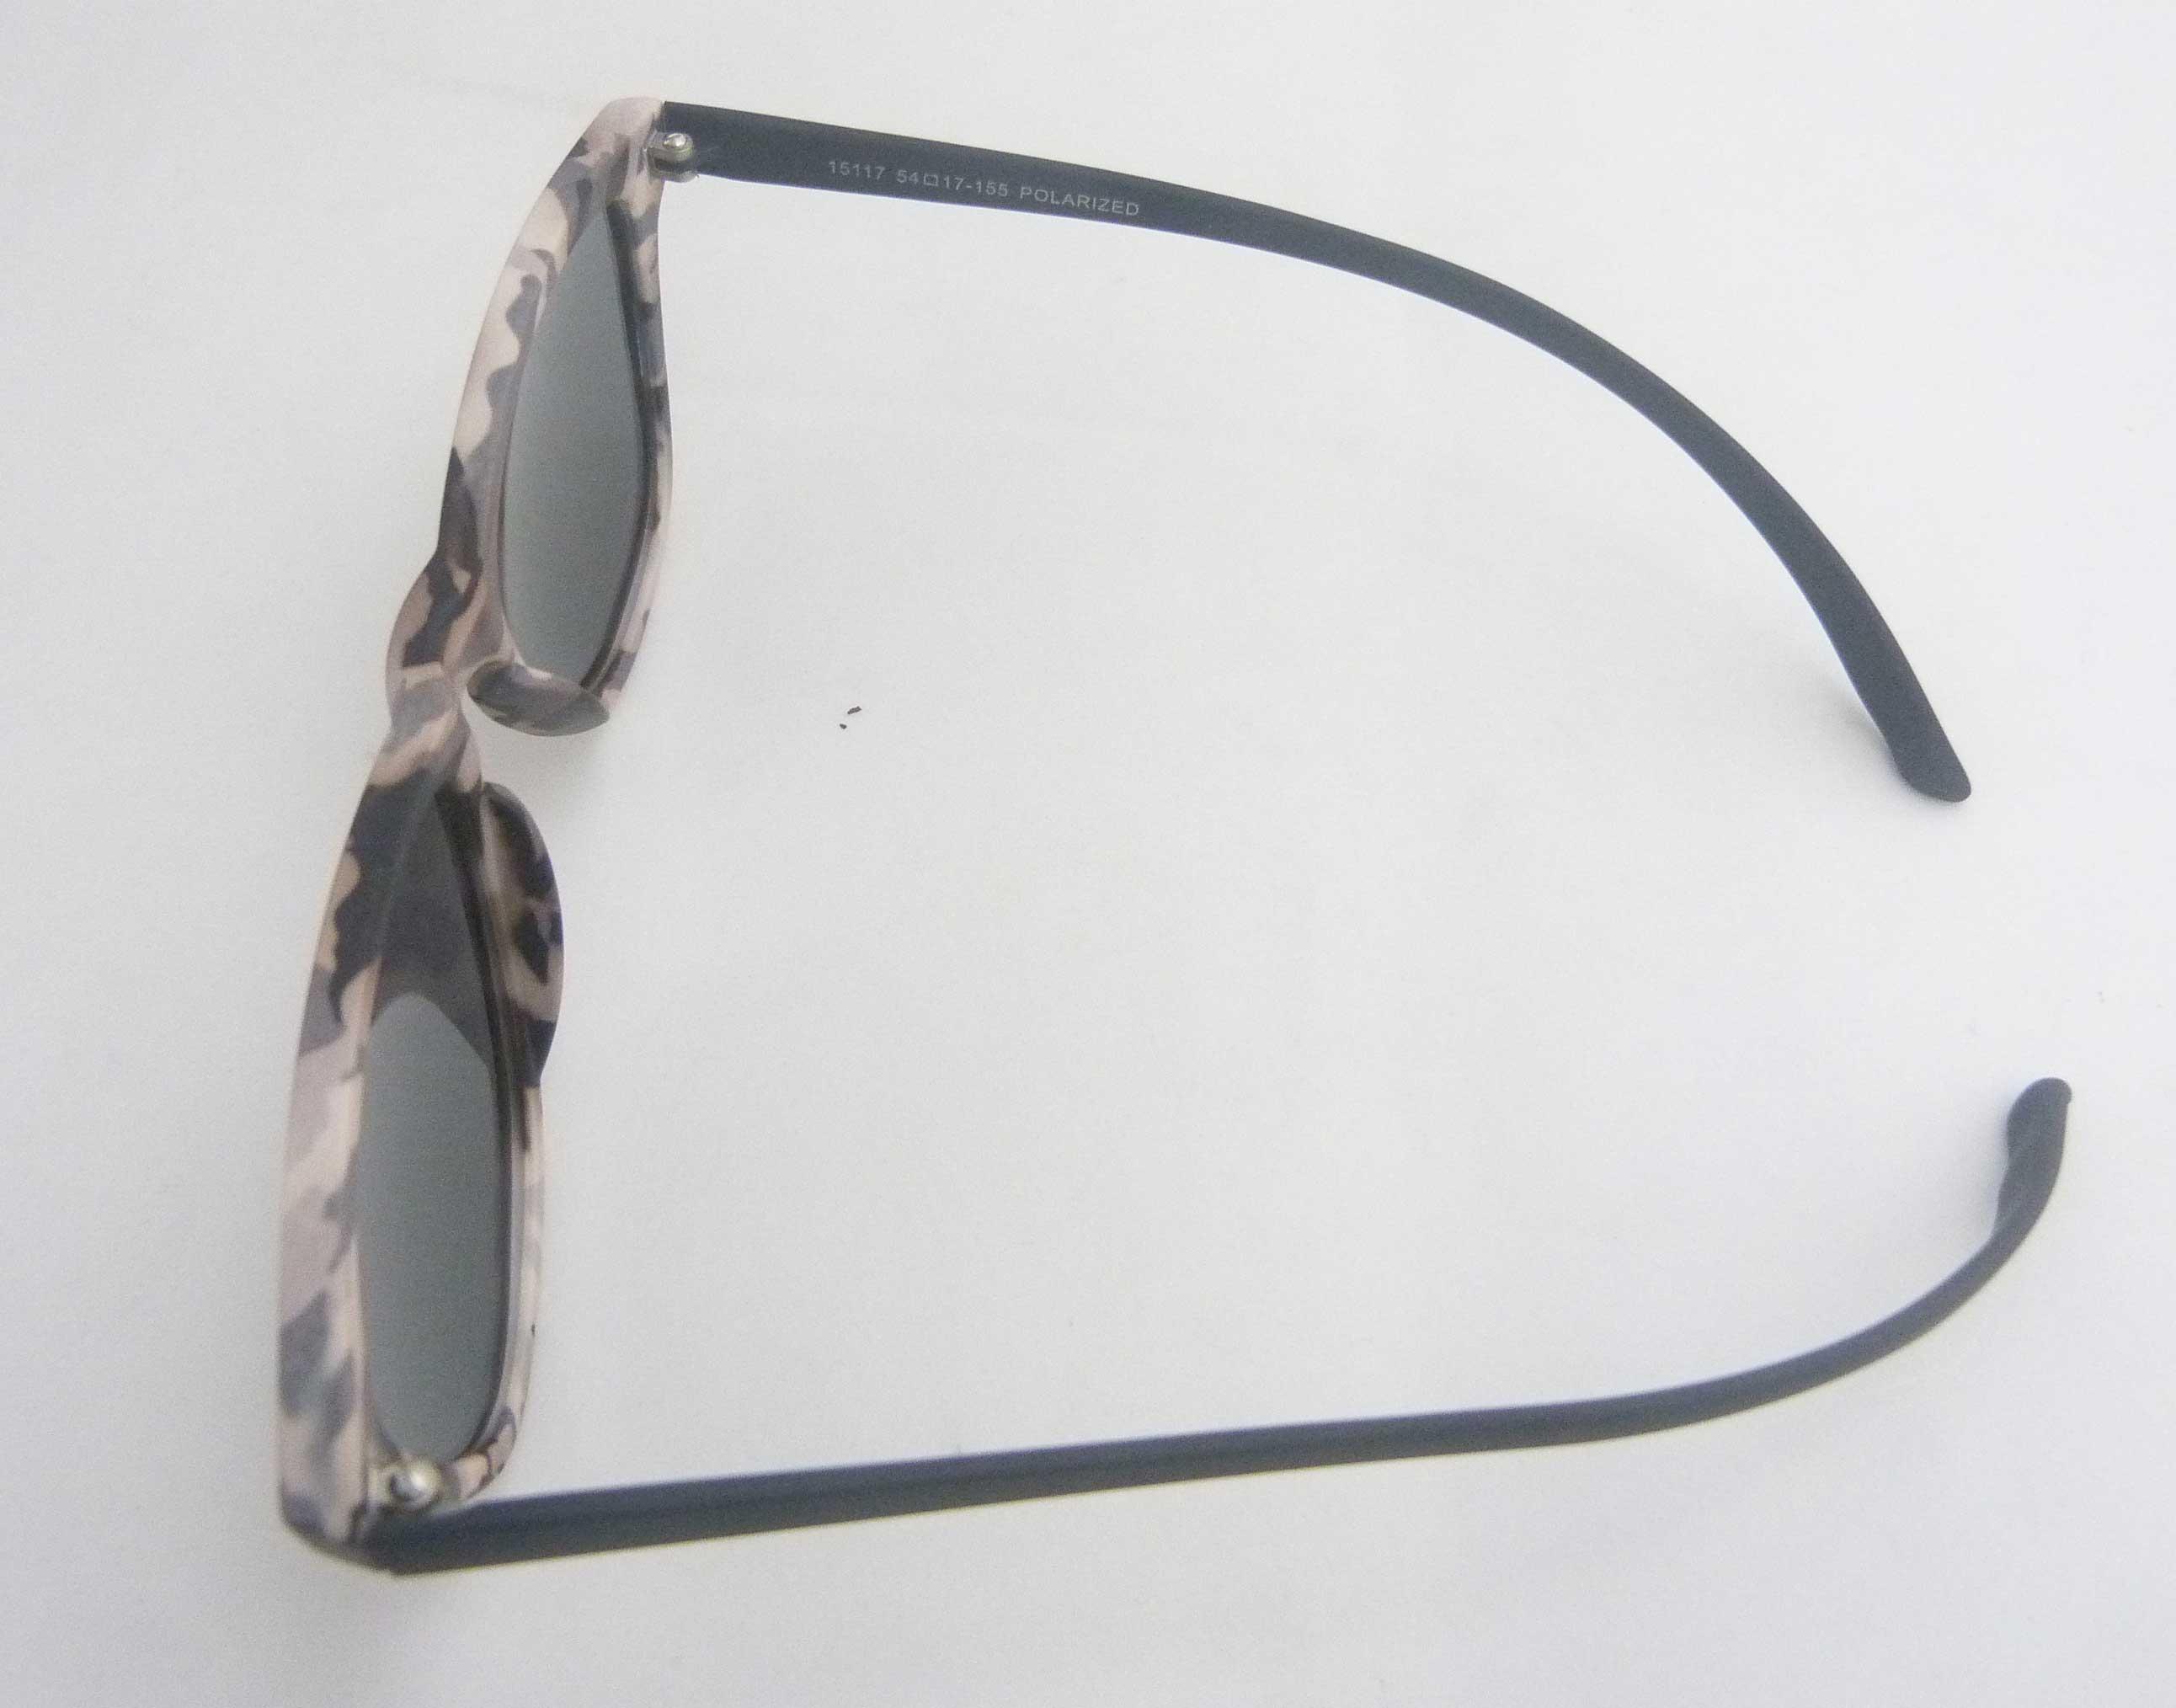 0215116 - Óculos-Solar CS Koala Camuflado 54x17 Marrom Mod 15116 FLAG 9 - Contém 1 Peça